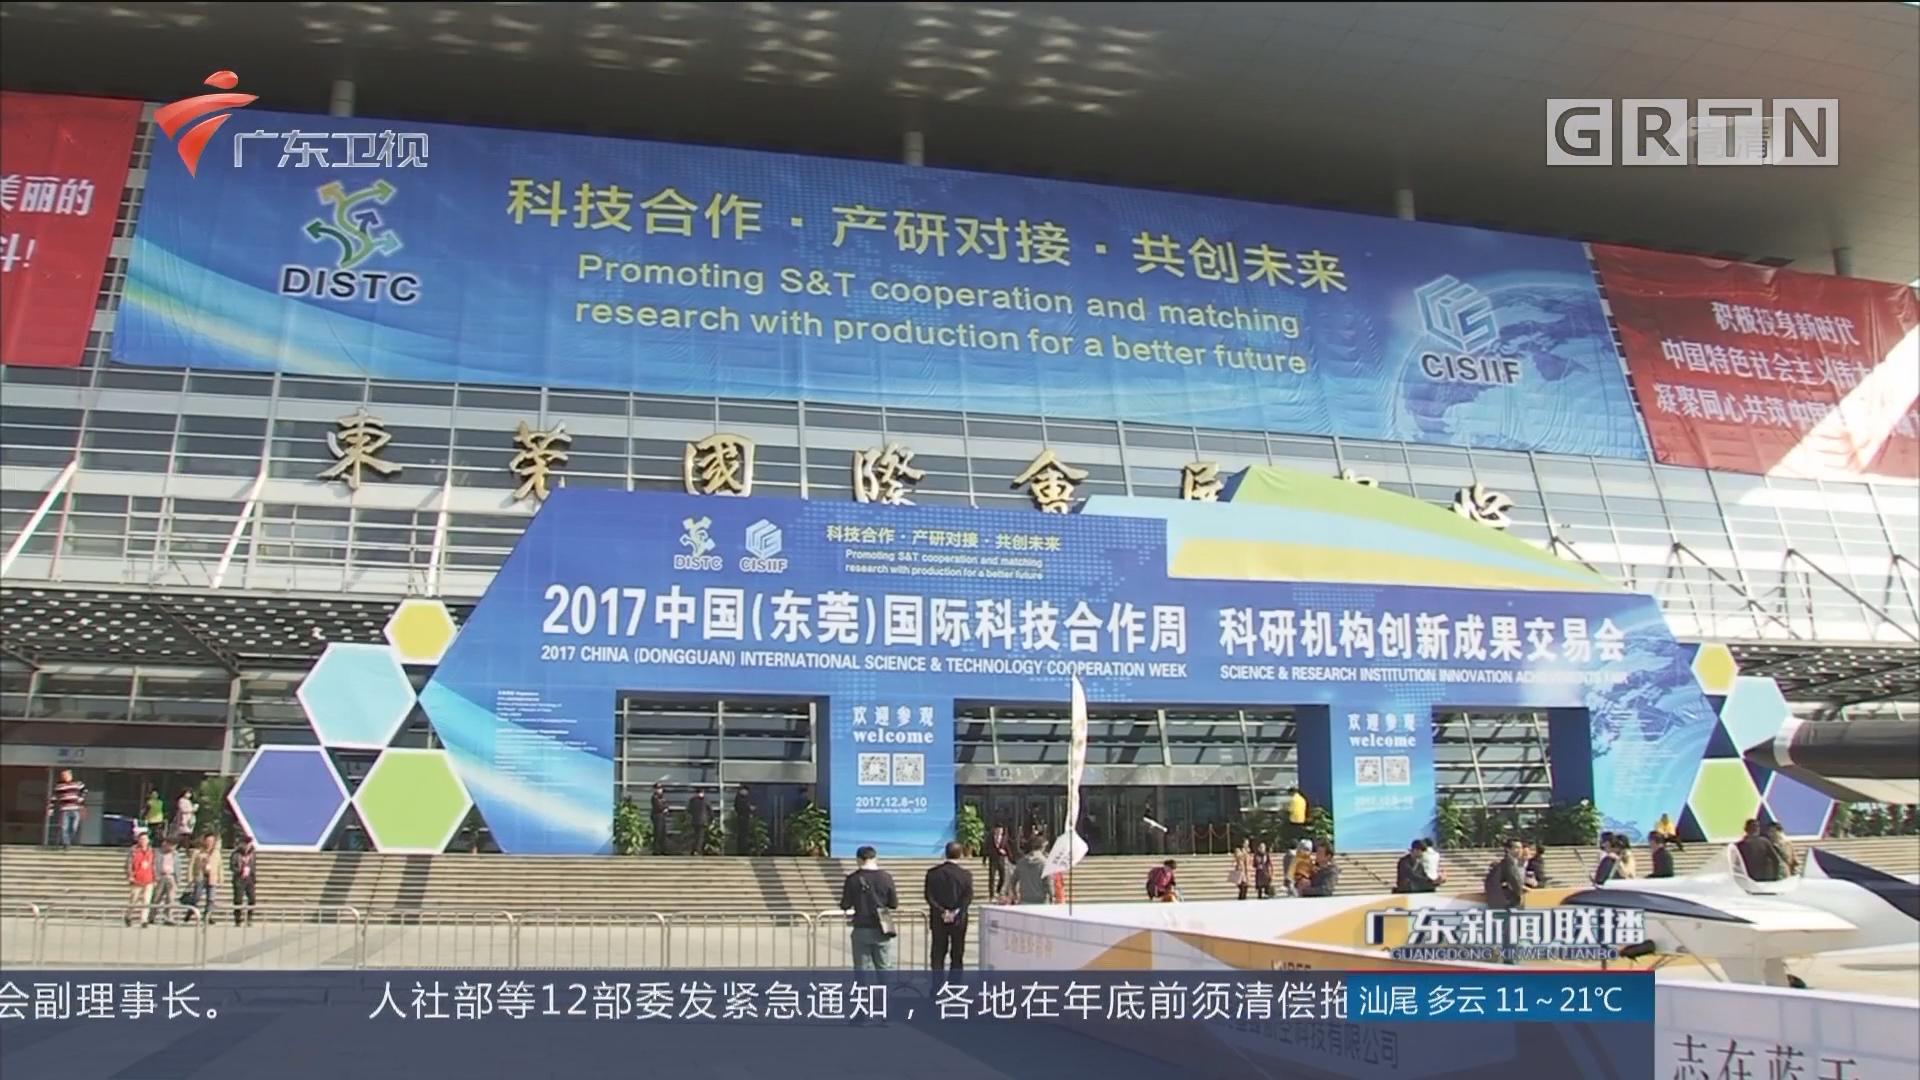 2017中国东莞国际科技合作周开幕